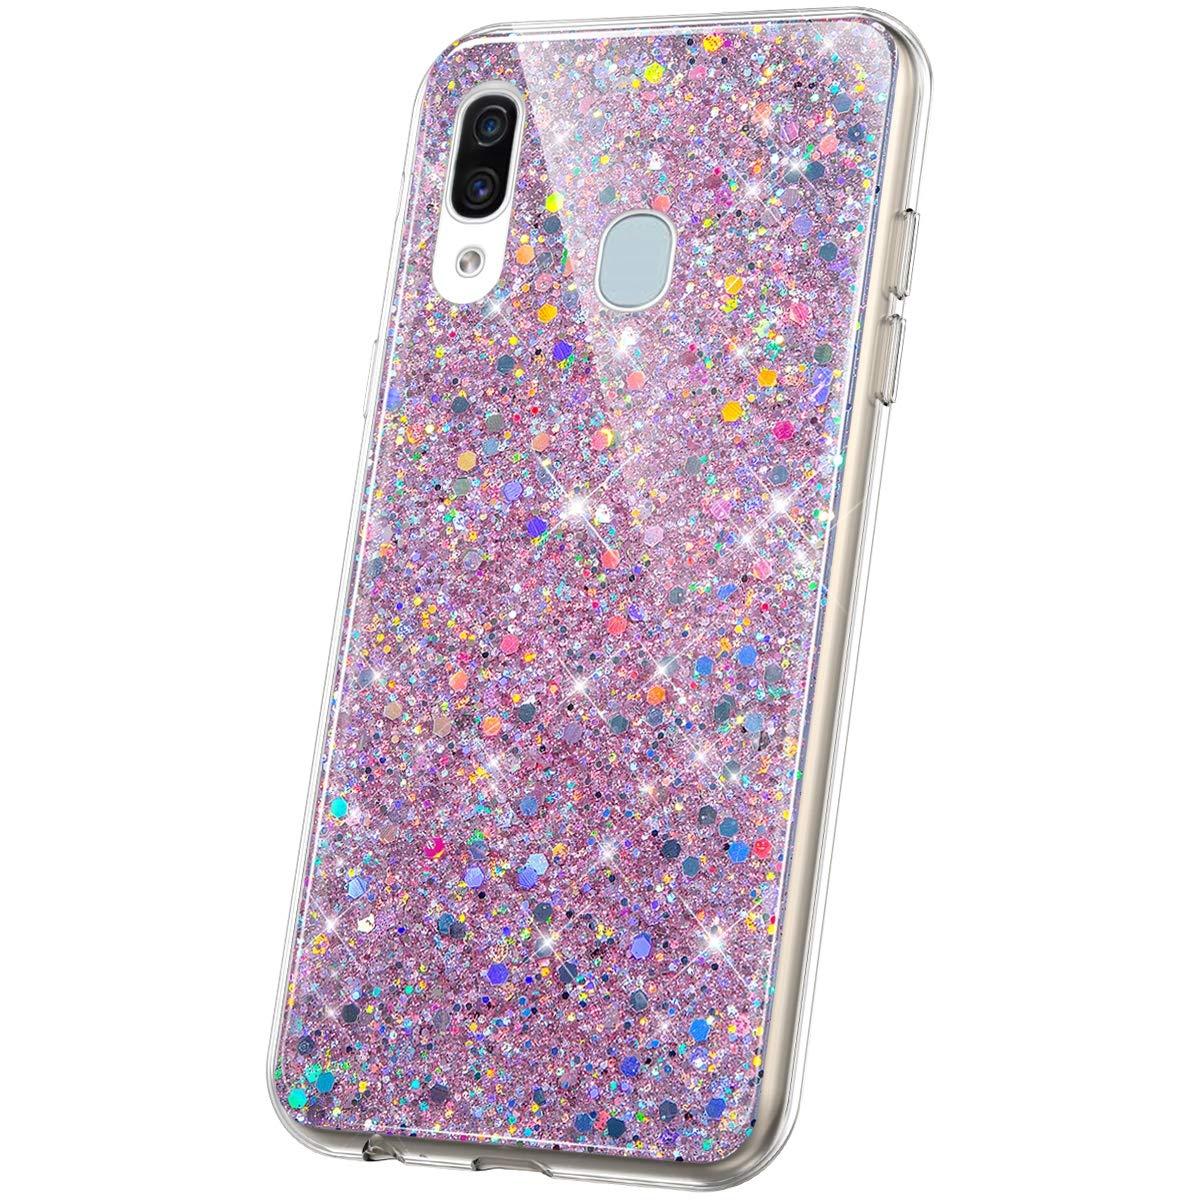 JAWSEU Compatibile con Samsung Galaxy A20//A30 Custodia Brillantini Bling Glitter Morbido Silicone TPU Cristallo Chiaro Strass Protettiva Cover Antiuro Bumper Case per Galaxy A20//A30,Rosso